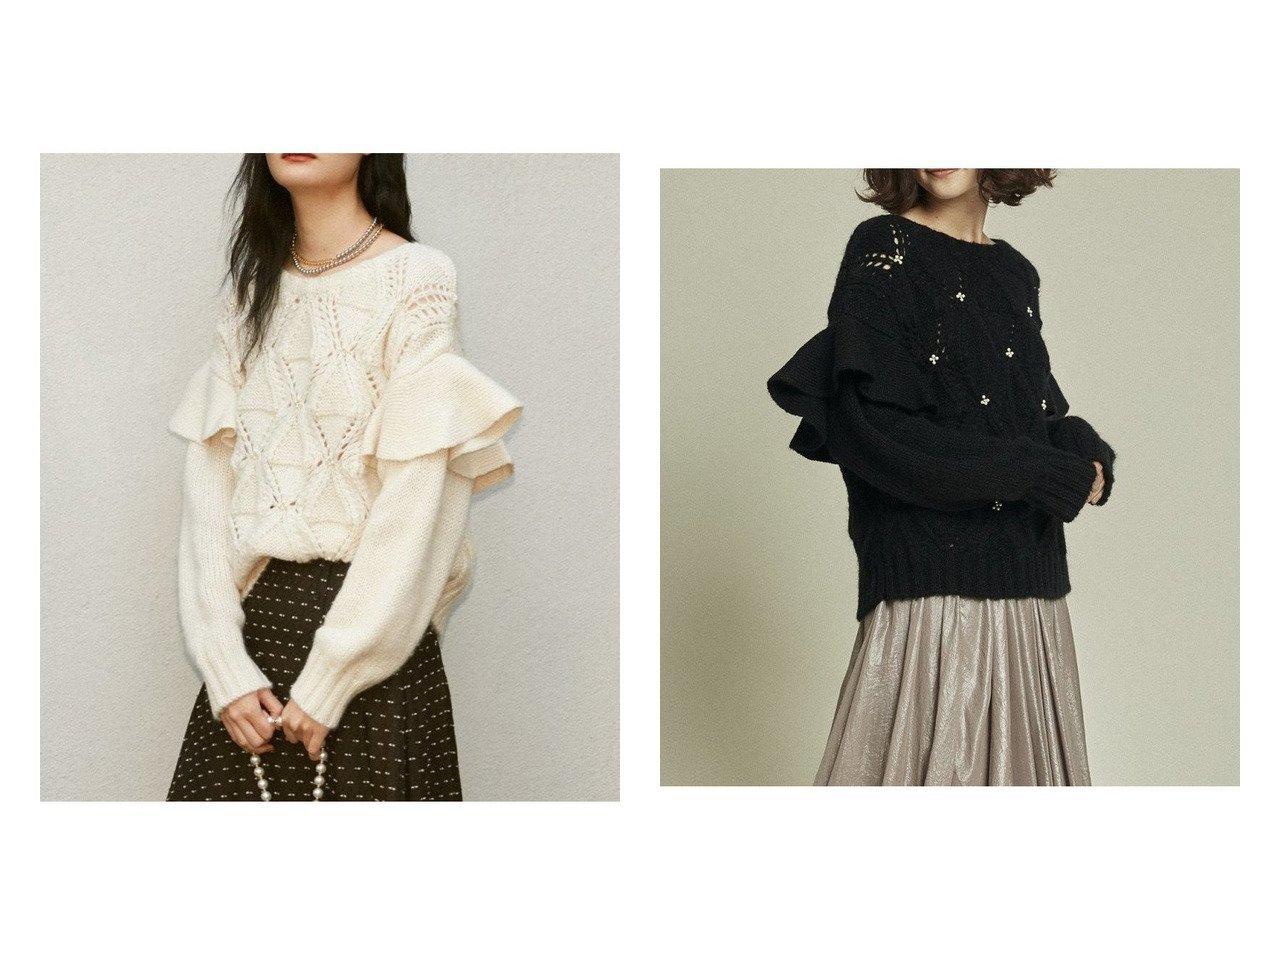 【Lily Brown/リリーブラウン】の[L.B CANDY STOCK]ビジューフリルニットトップス トップス・カットソーのおすすめ!人気、トレンド・レディースファッションの通販  おすすめで人気の流行・トレンド、ファッションの通販商品 メンズファッション・キッズファッション・インテリア・家具・レディースファッション・服の通販 founy(ファニー) https://founy.com/ ファッション Fashion レディースファッション WOMEN トップス Tops Tshirt ニット Knit Tops クラシカル ビジュー フリル ミックス モヘア |ID:crp329100000010594